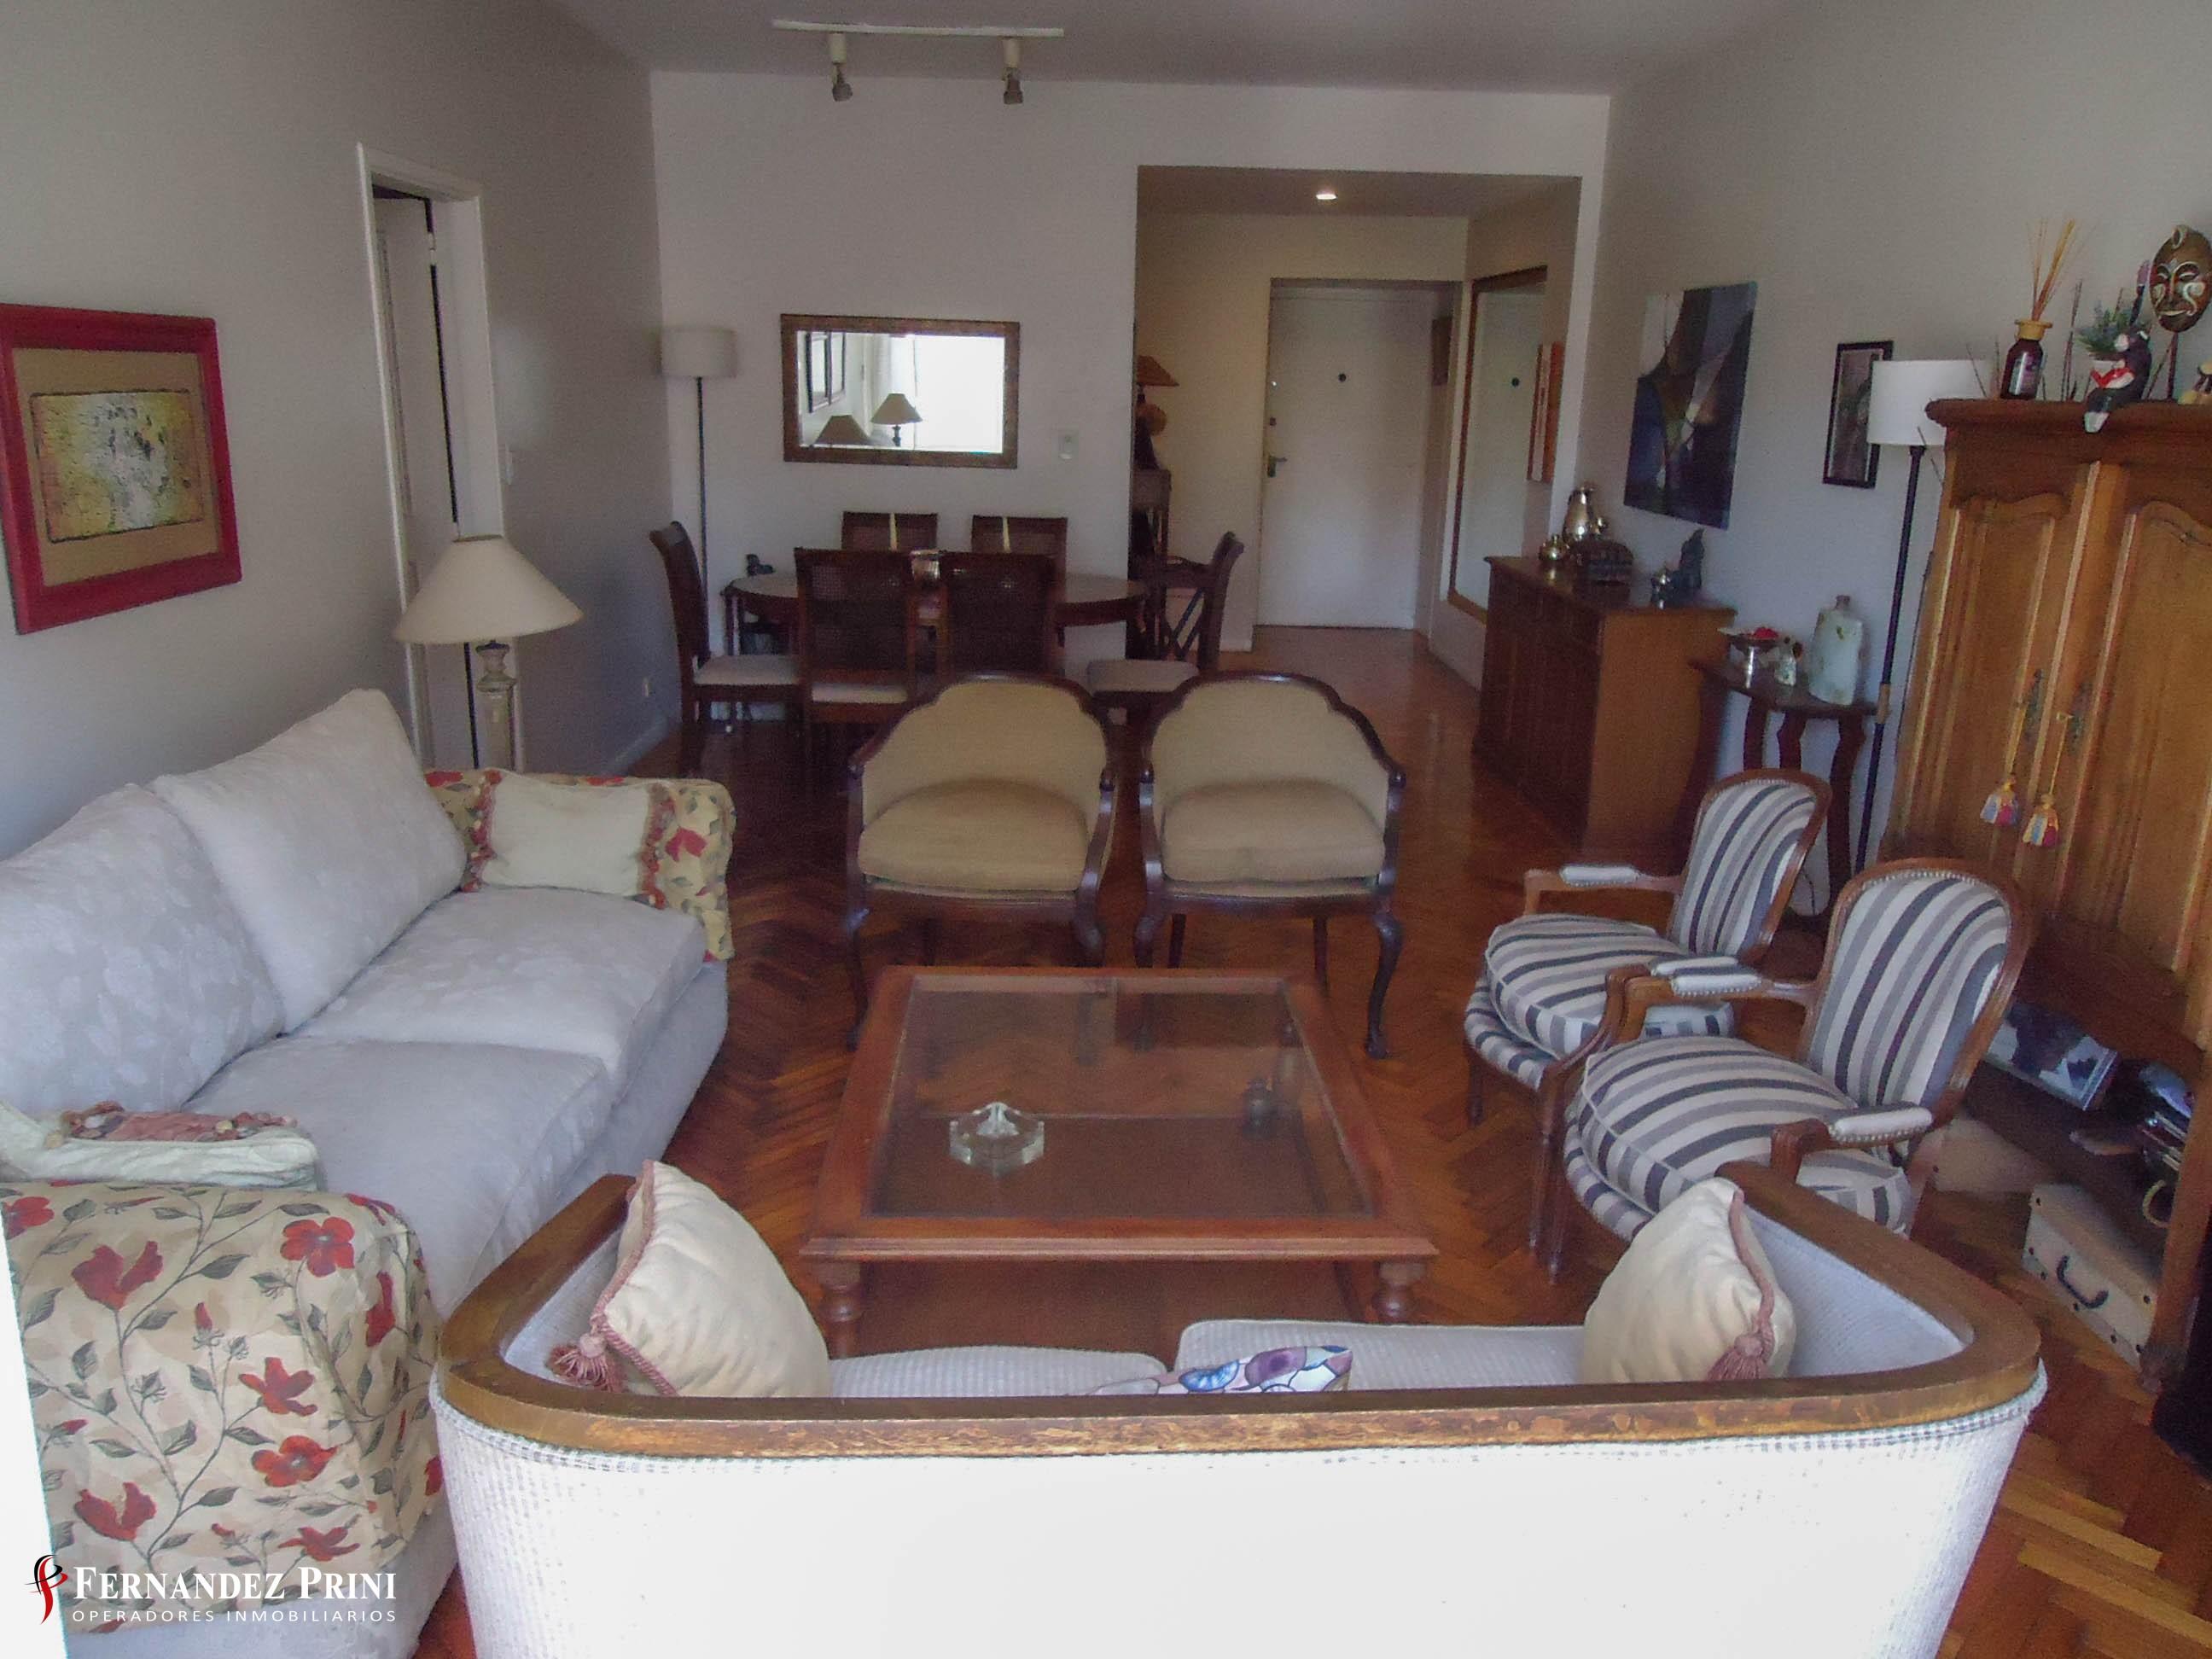 Arenales 2900, 3 Rooms Rooms,2 BañosBaños,Departamento,Venta,Arenales 2900,8,1082